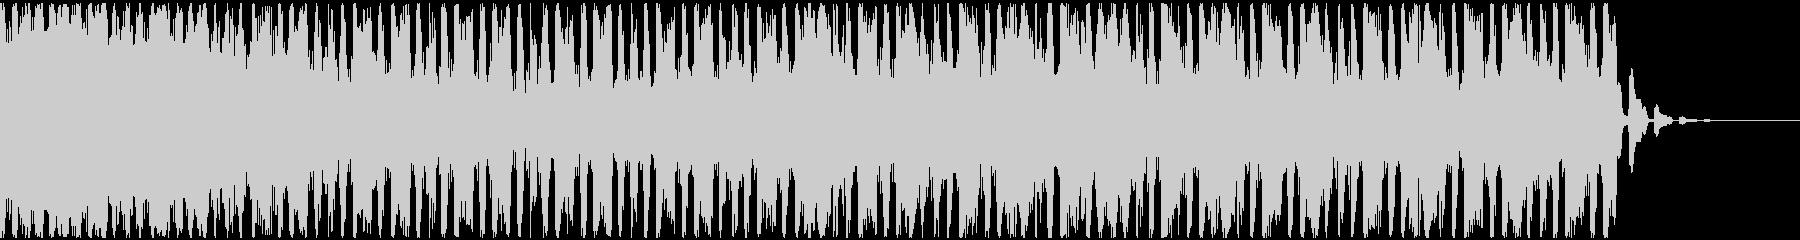 【EDM】トランス、ジングル1の未再生の波形